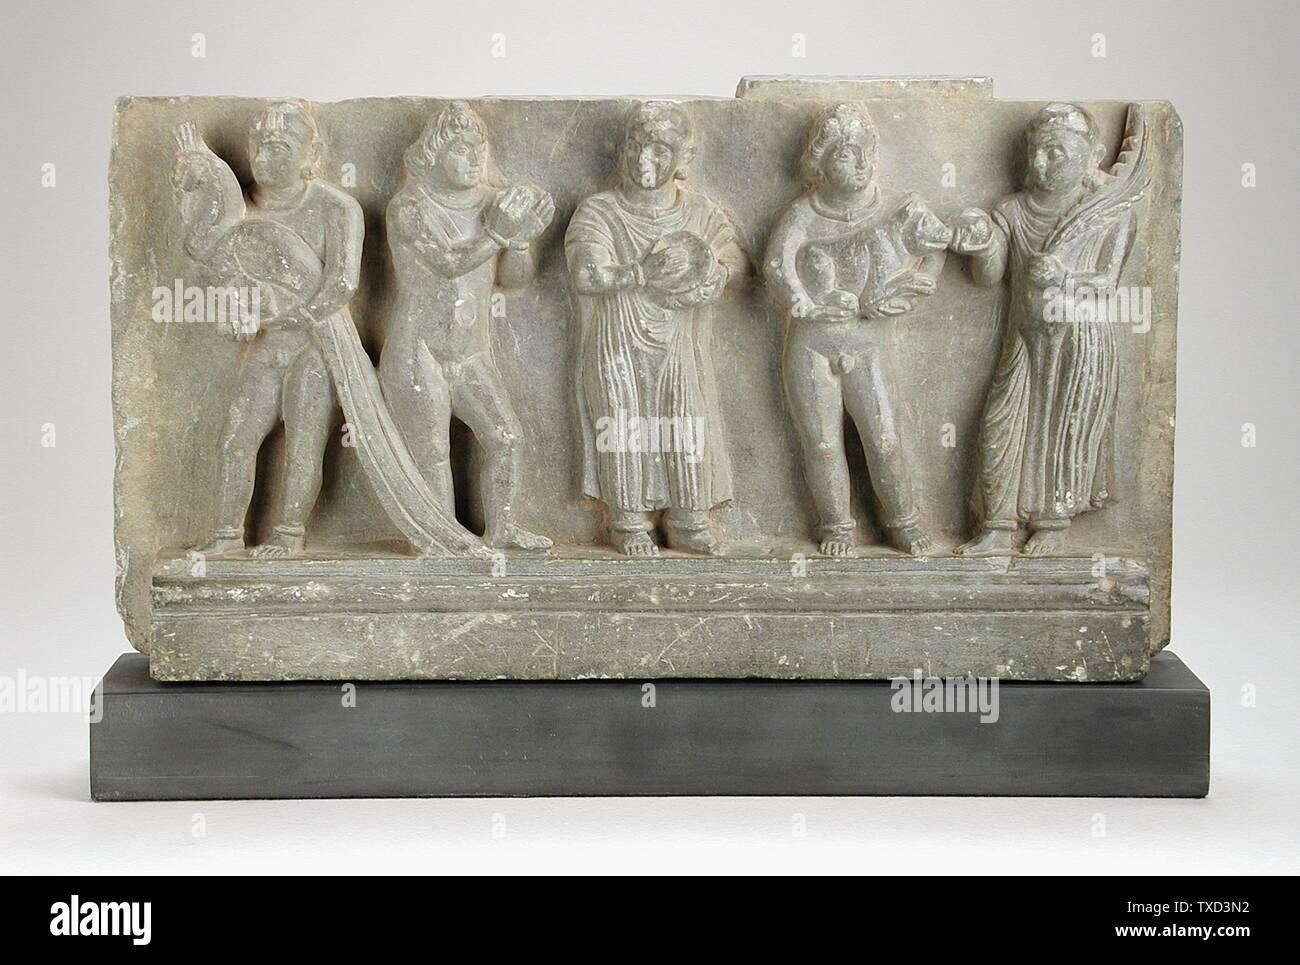 'Stair Riser a rilievo con offrendo la scena; inglese: Pakistan, Gandhara regione, 2a-3a secolo scultura scisto grigio 12 3/8 x 6 3/8 x 2 1/4 in. (31.43 x 16.19 x 5.71 cm) il dono della Signora e signor Werner G. Scharff (M.91.232.4) a sud e sud-est asiatico; arte 2a-3a secolo; ' Immagini Stock